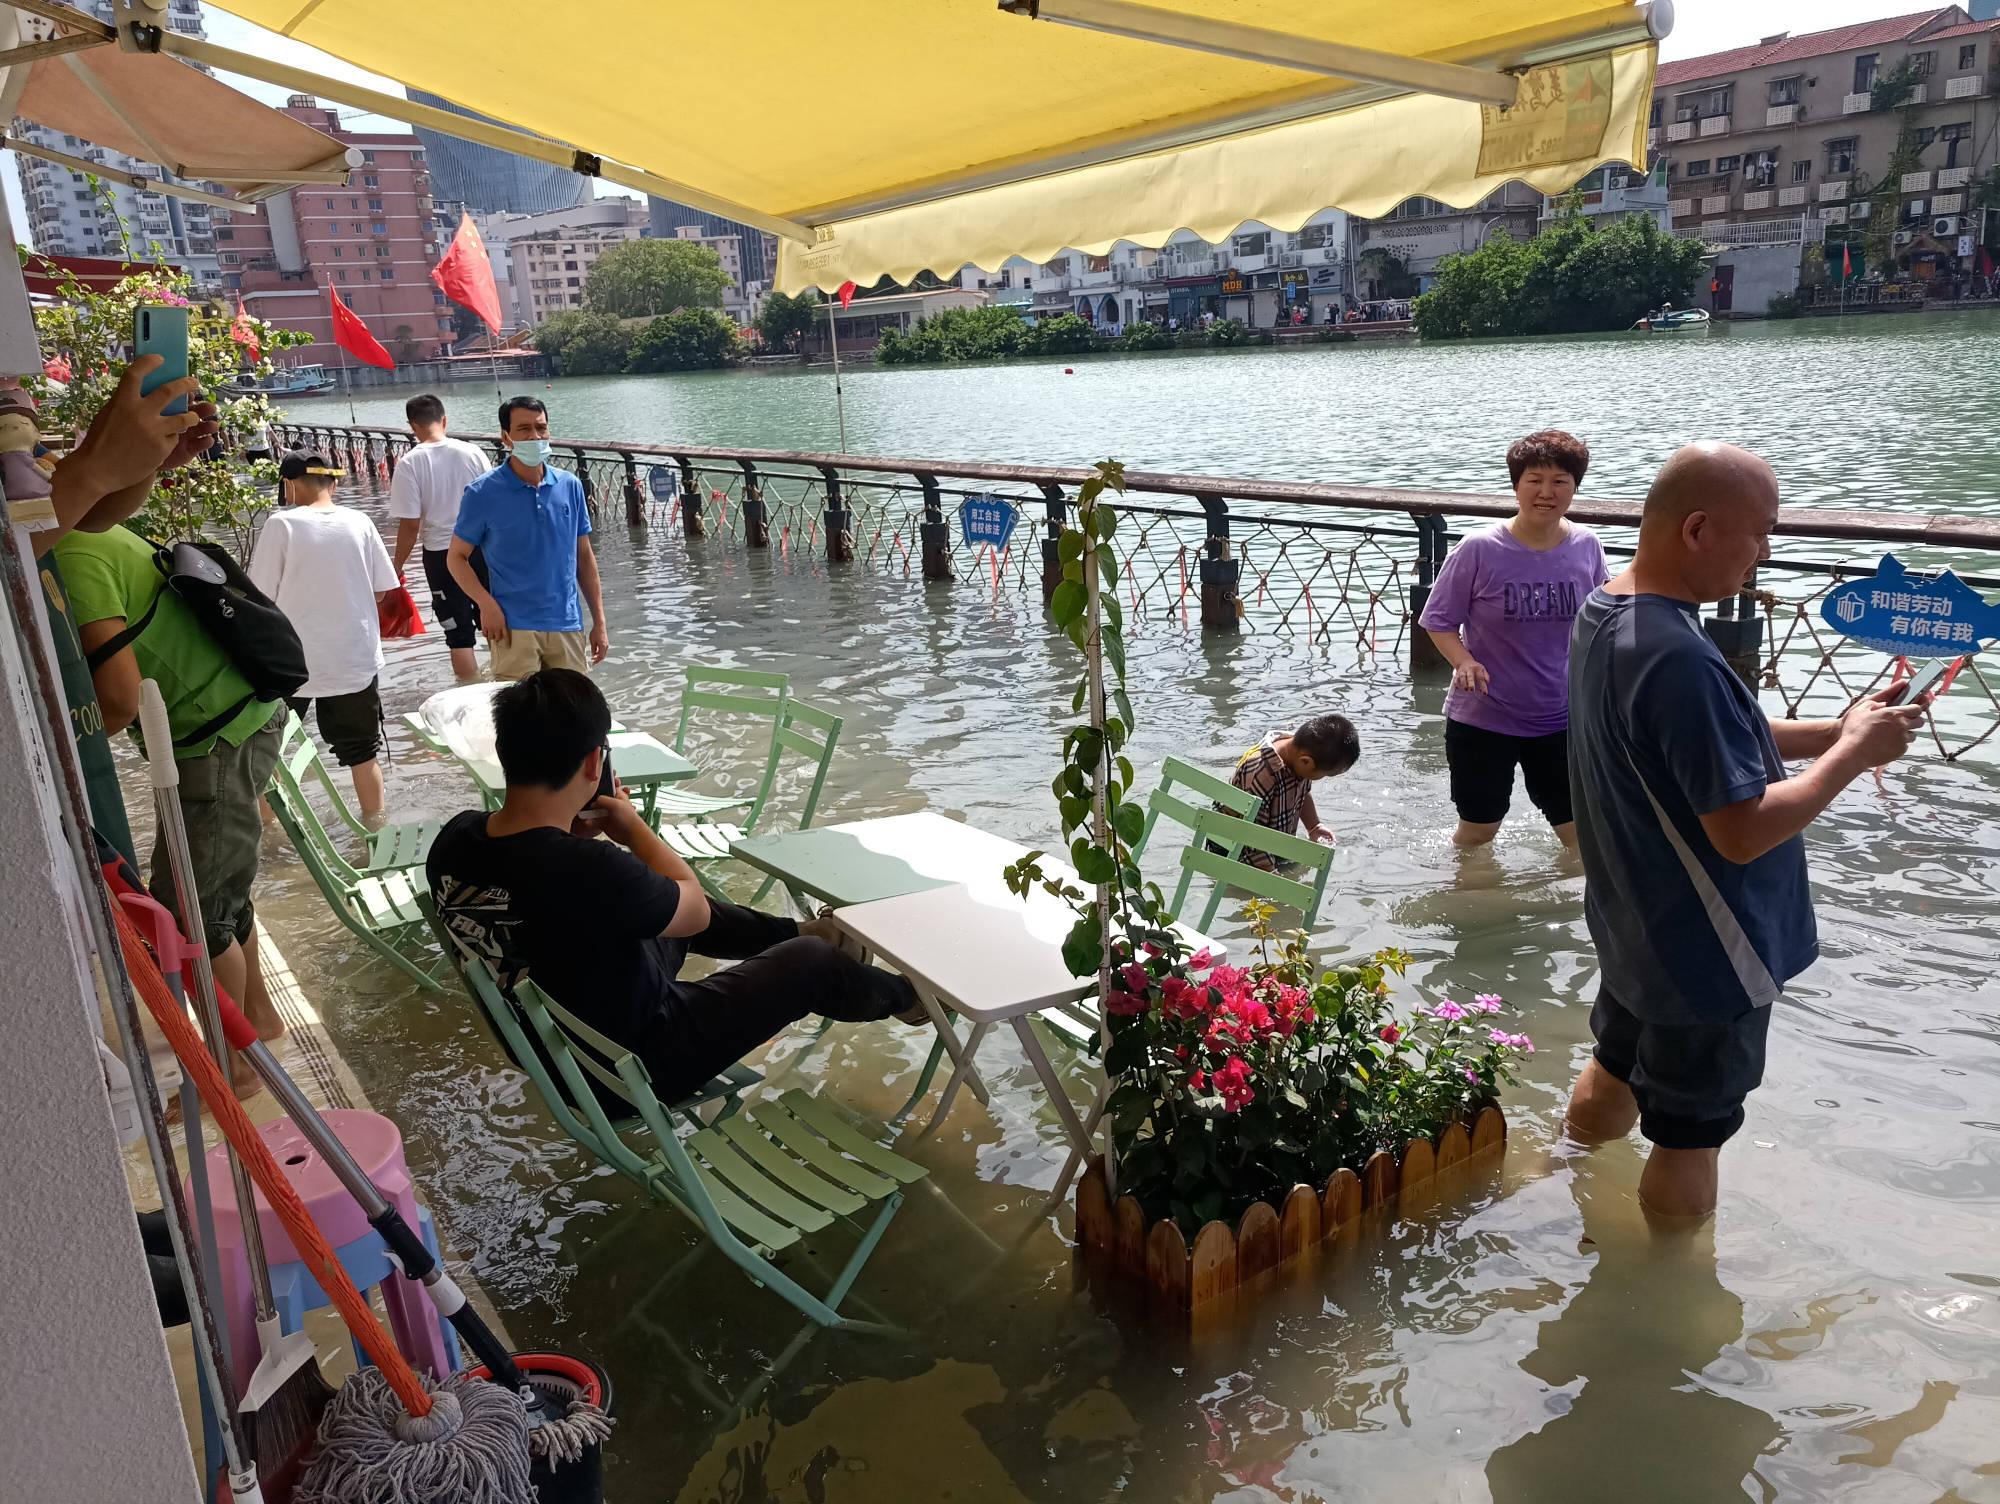 厦门海域迎来今年最大天文大潮,天朗气清,沙坡尾却出现漫堤现象